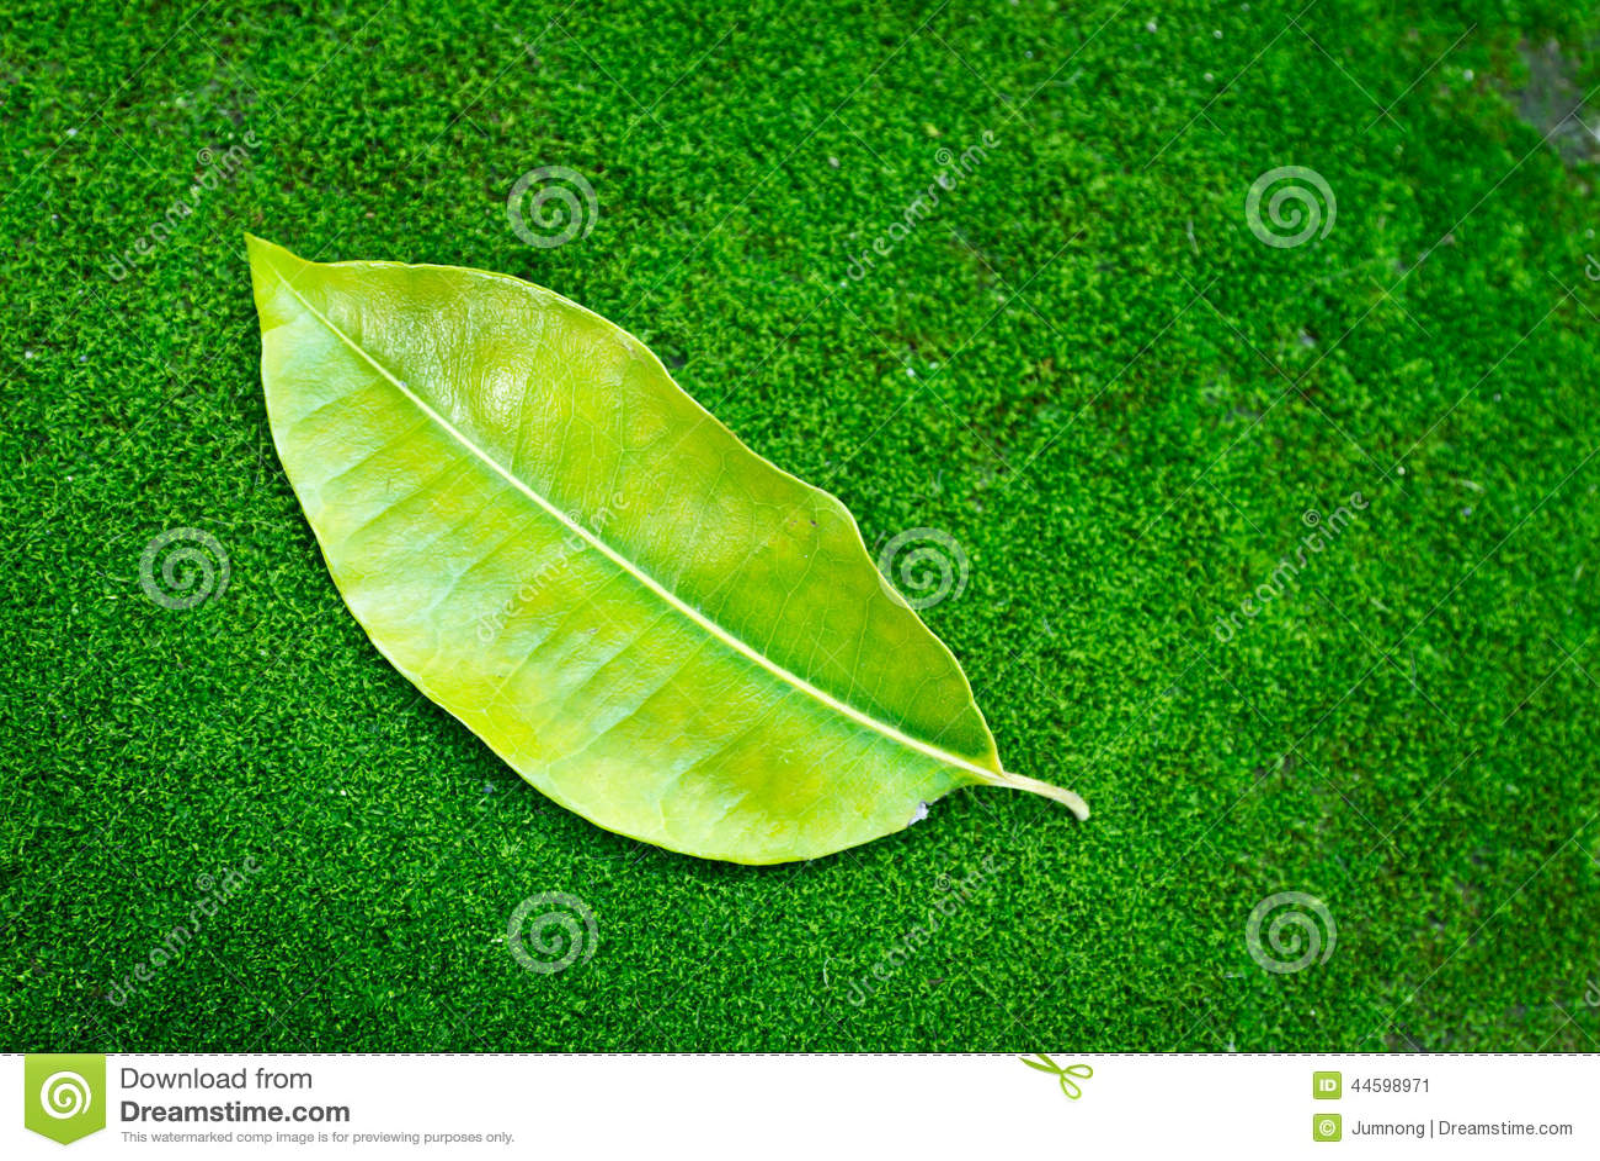 Feuille d 39 arbre sur le fond vert de mousse photo stock image 44598971 - Mousse sur les arbres ...